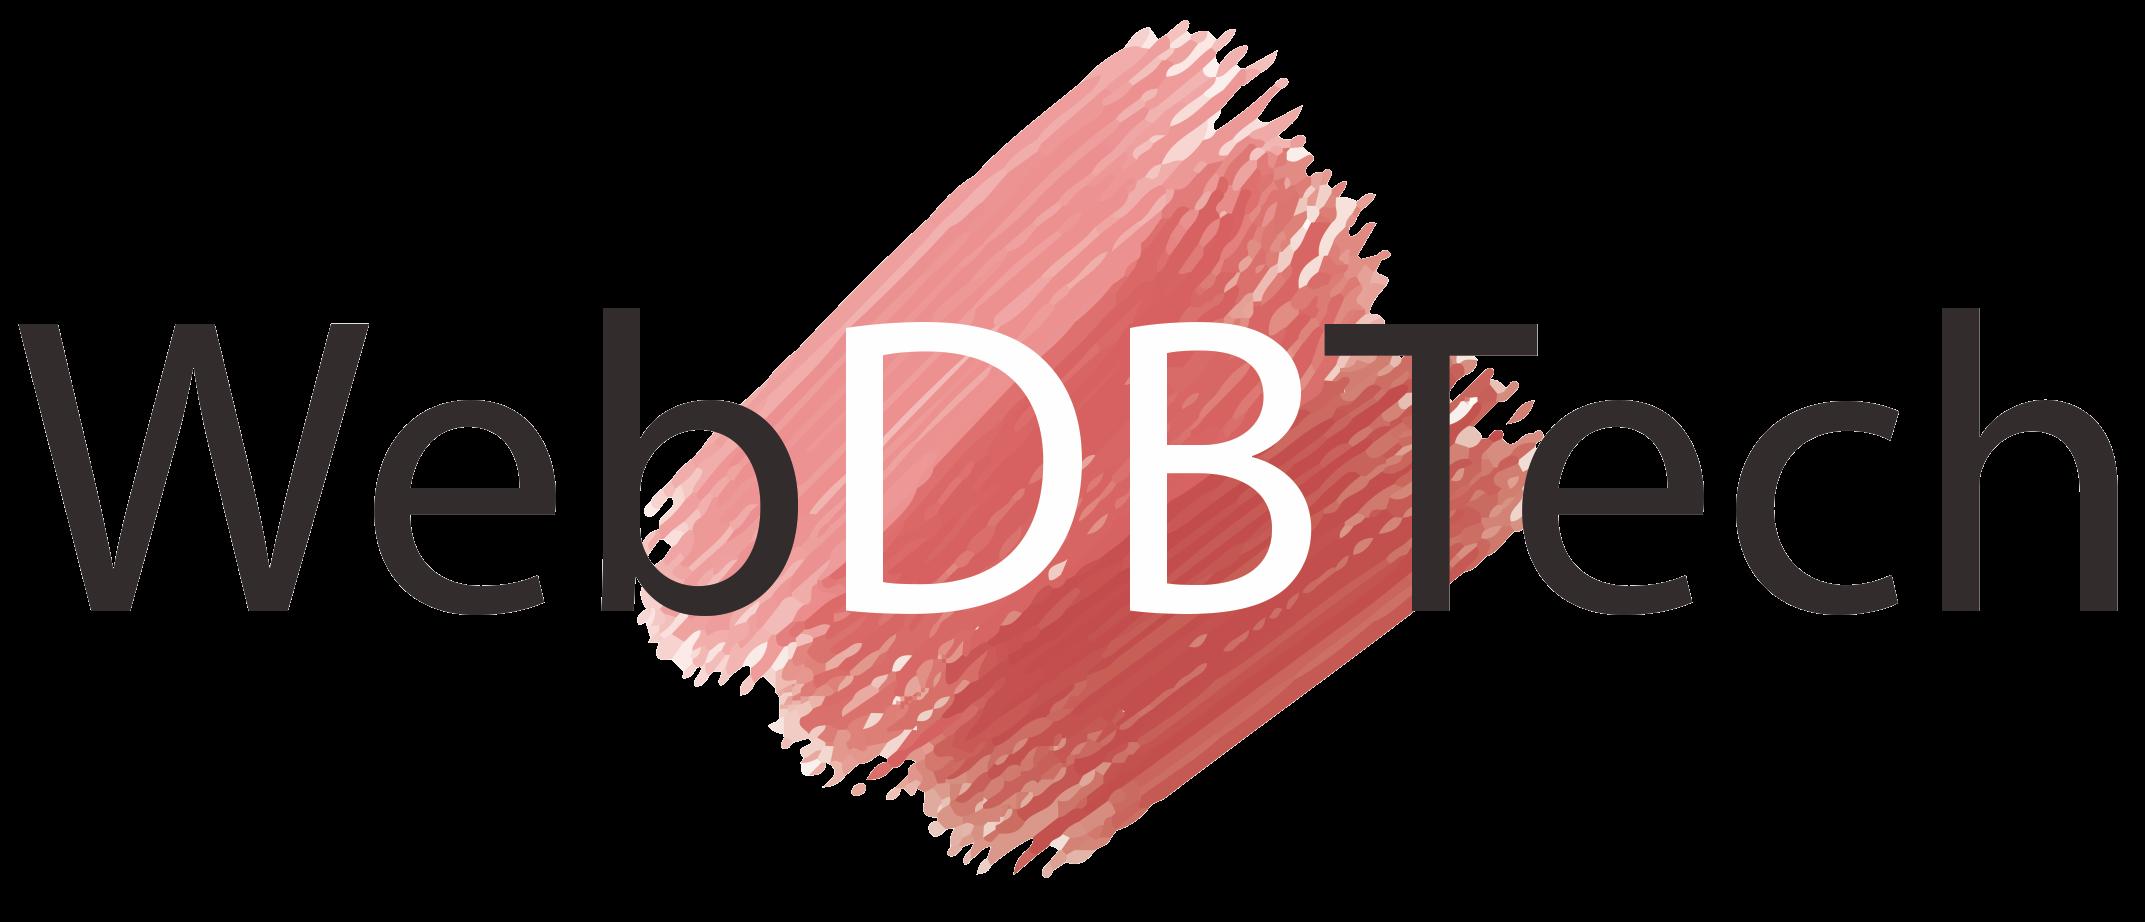 WebDbTech